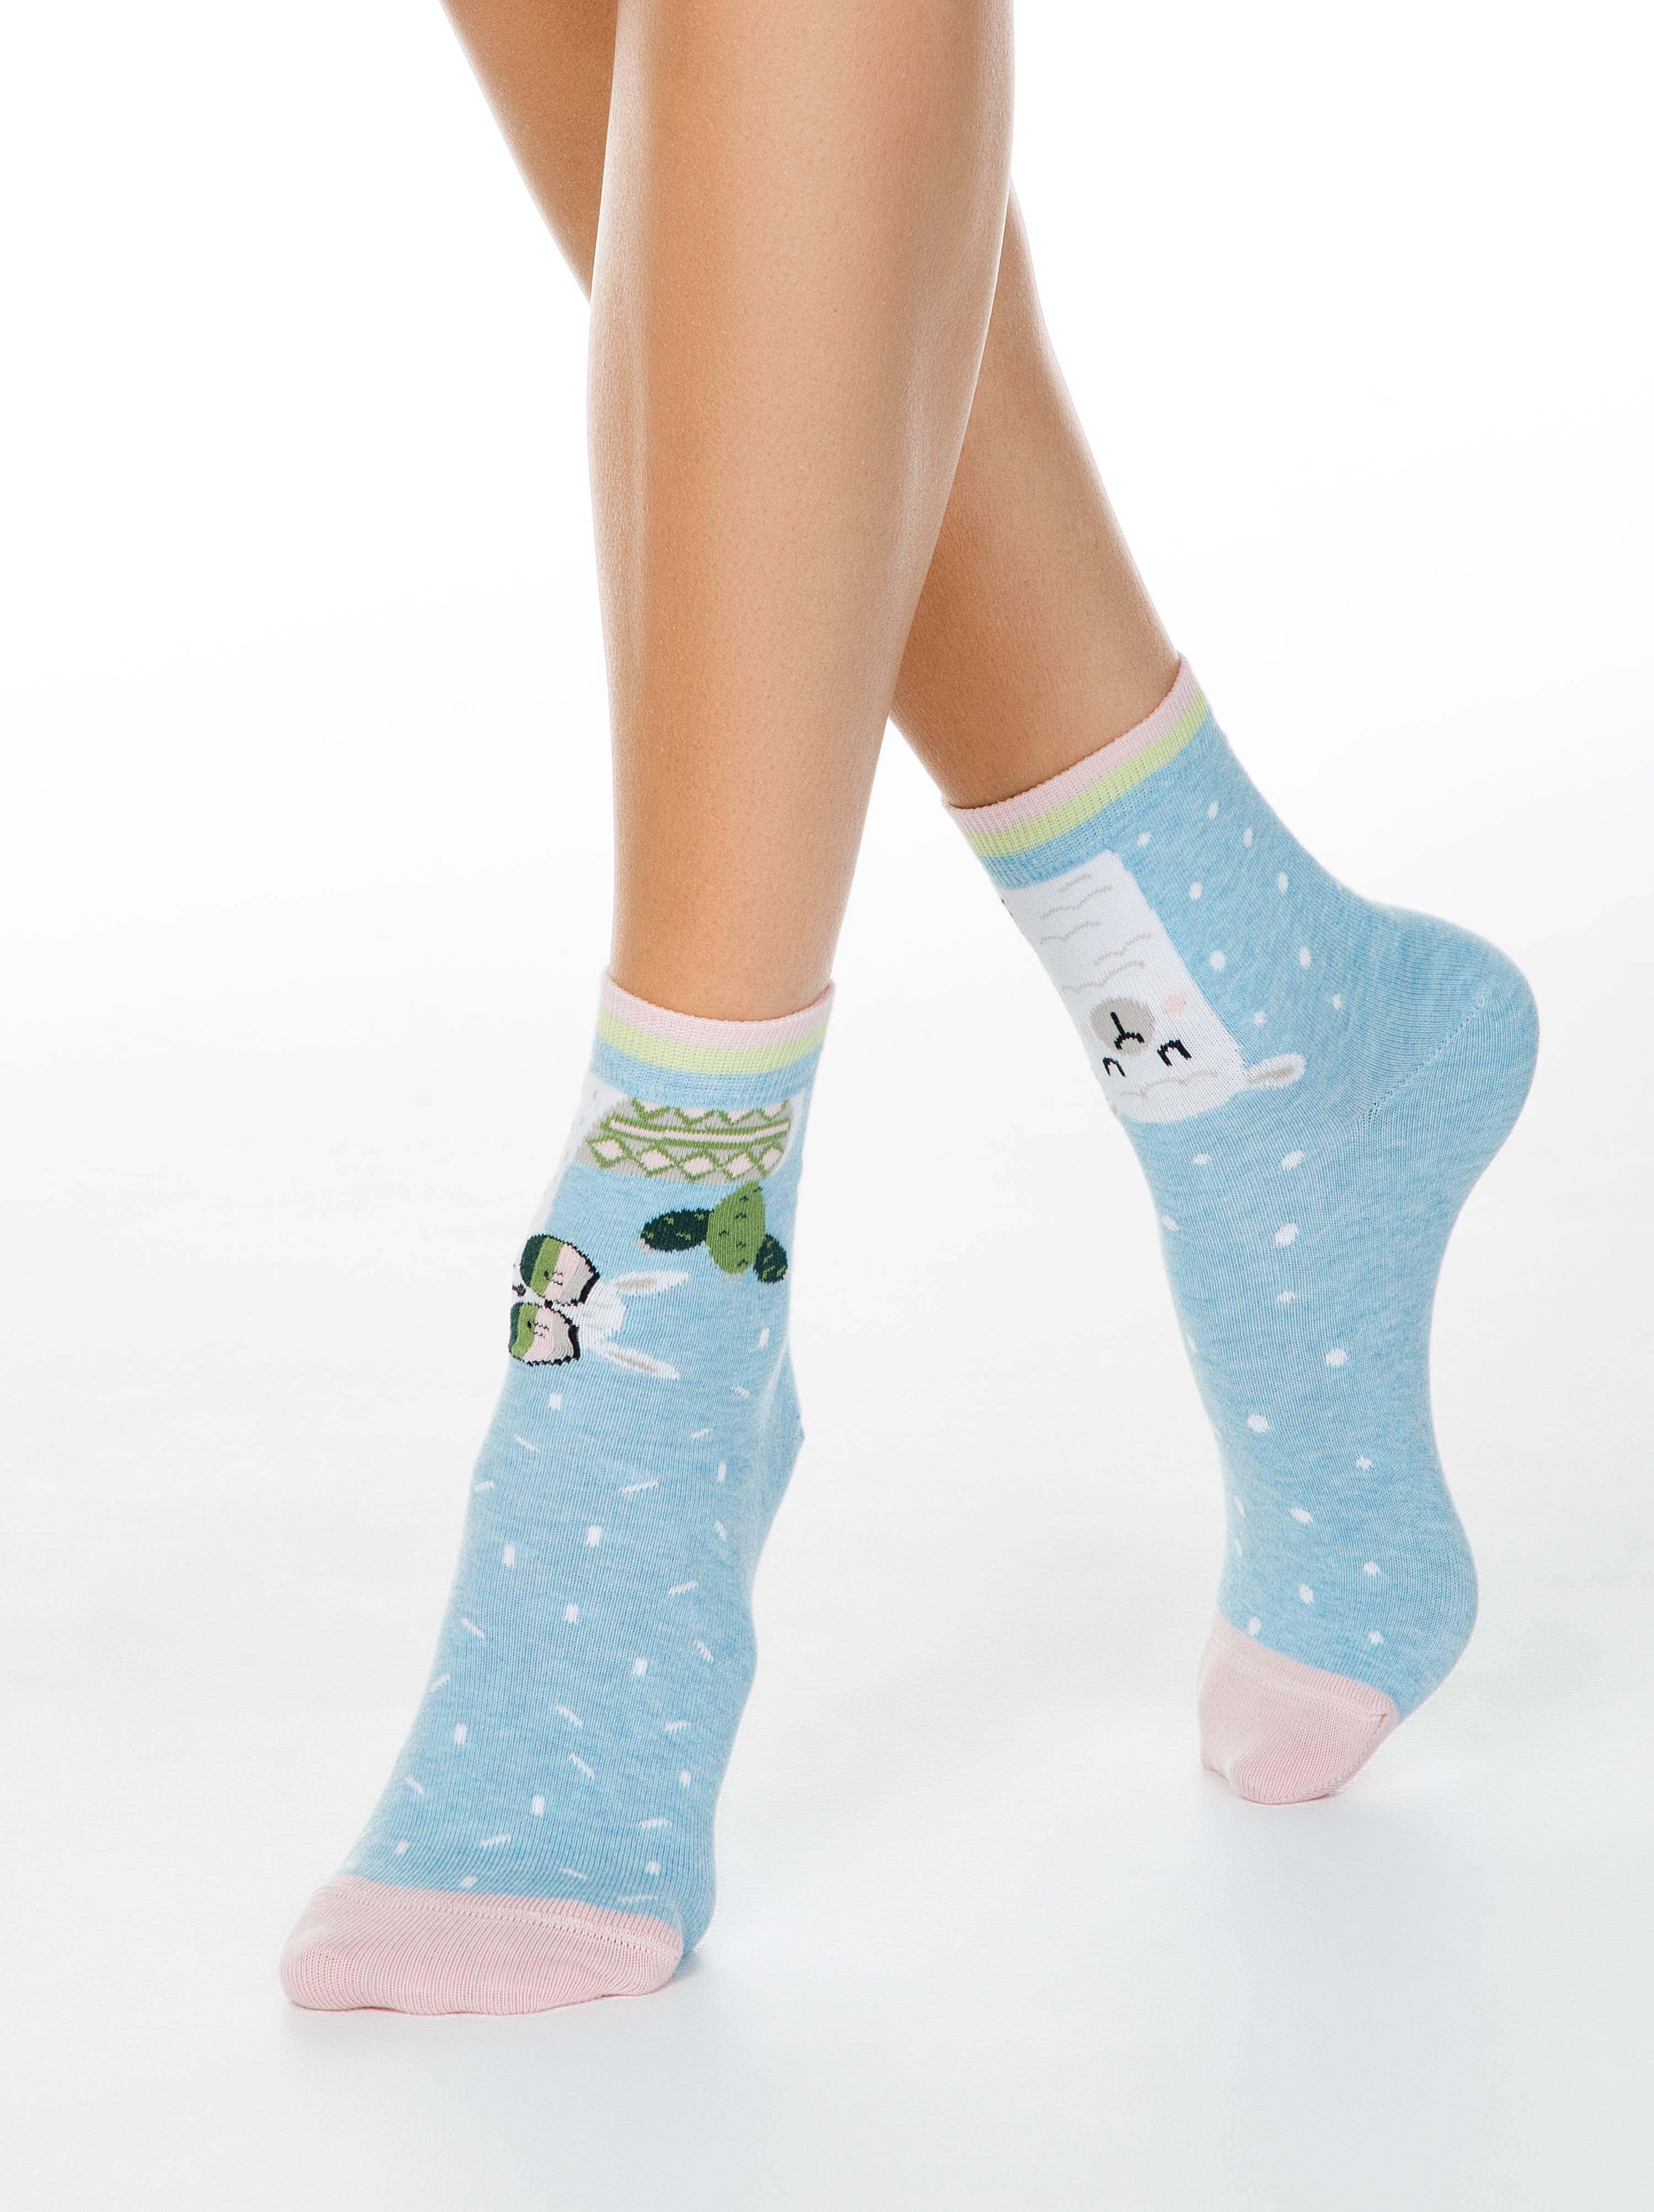 Хлопковые носки HAPPY фото